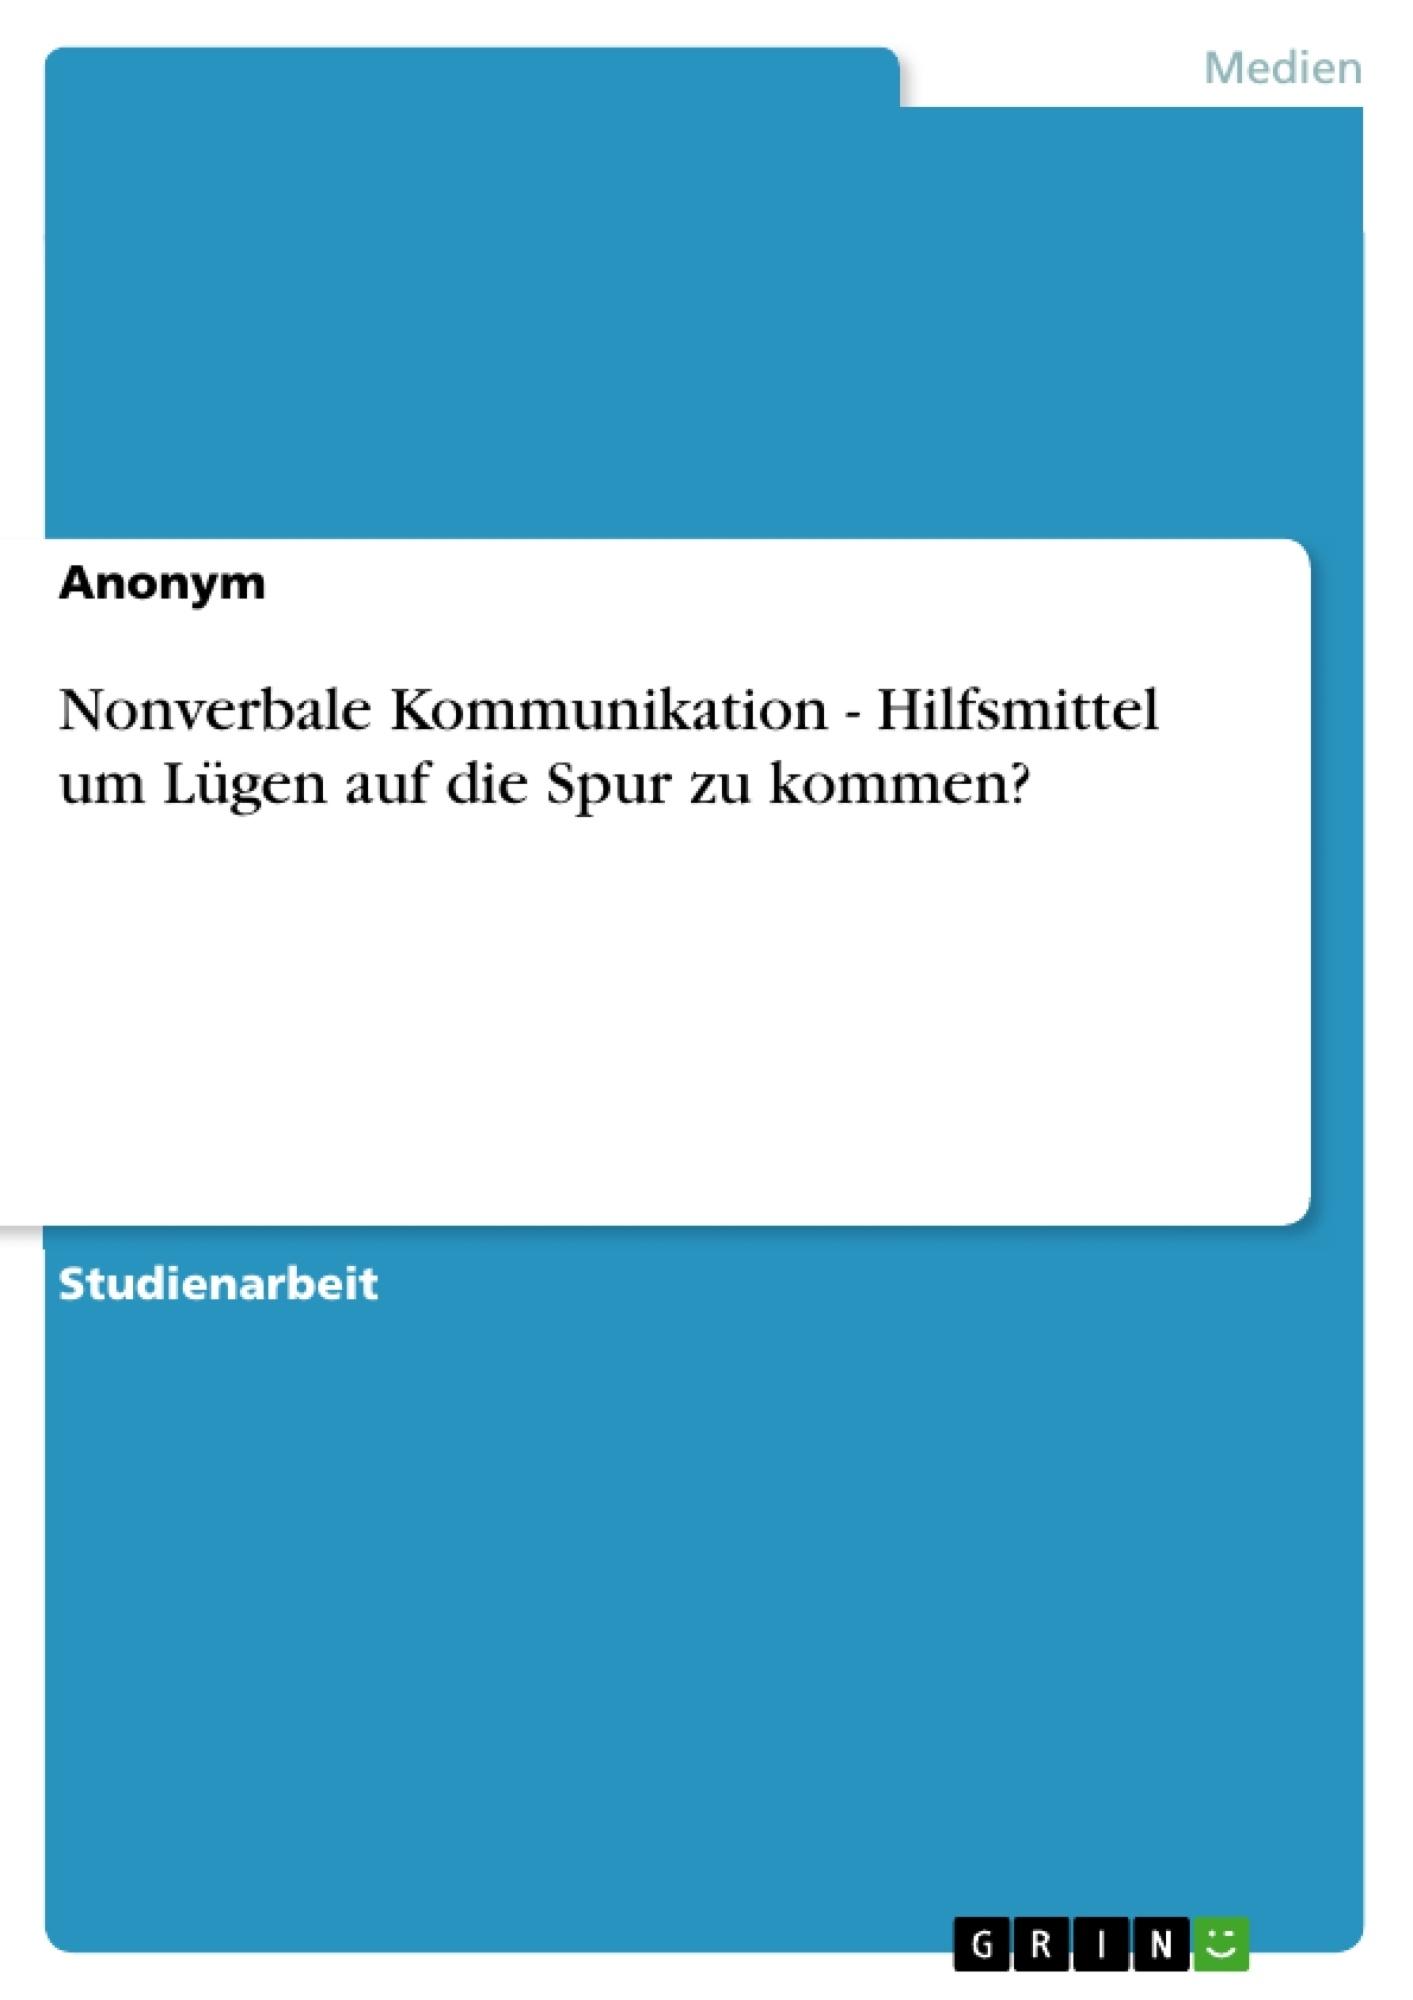 Titel: Nonverbale Kommunikation - Hilfsmittel um Lügen auf die Spur zu kommen?